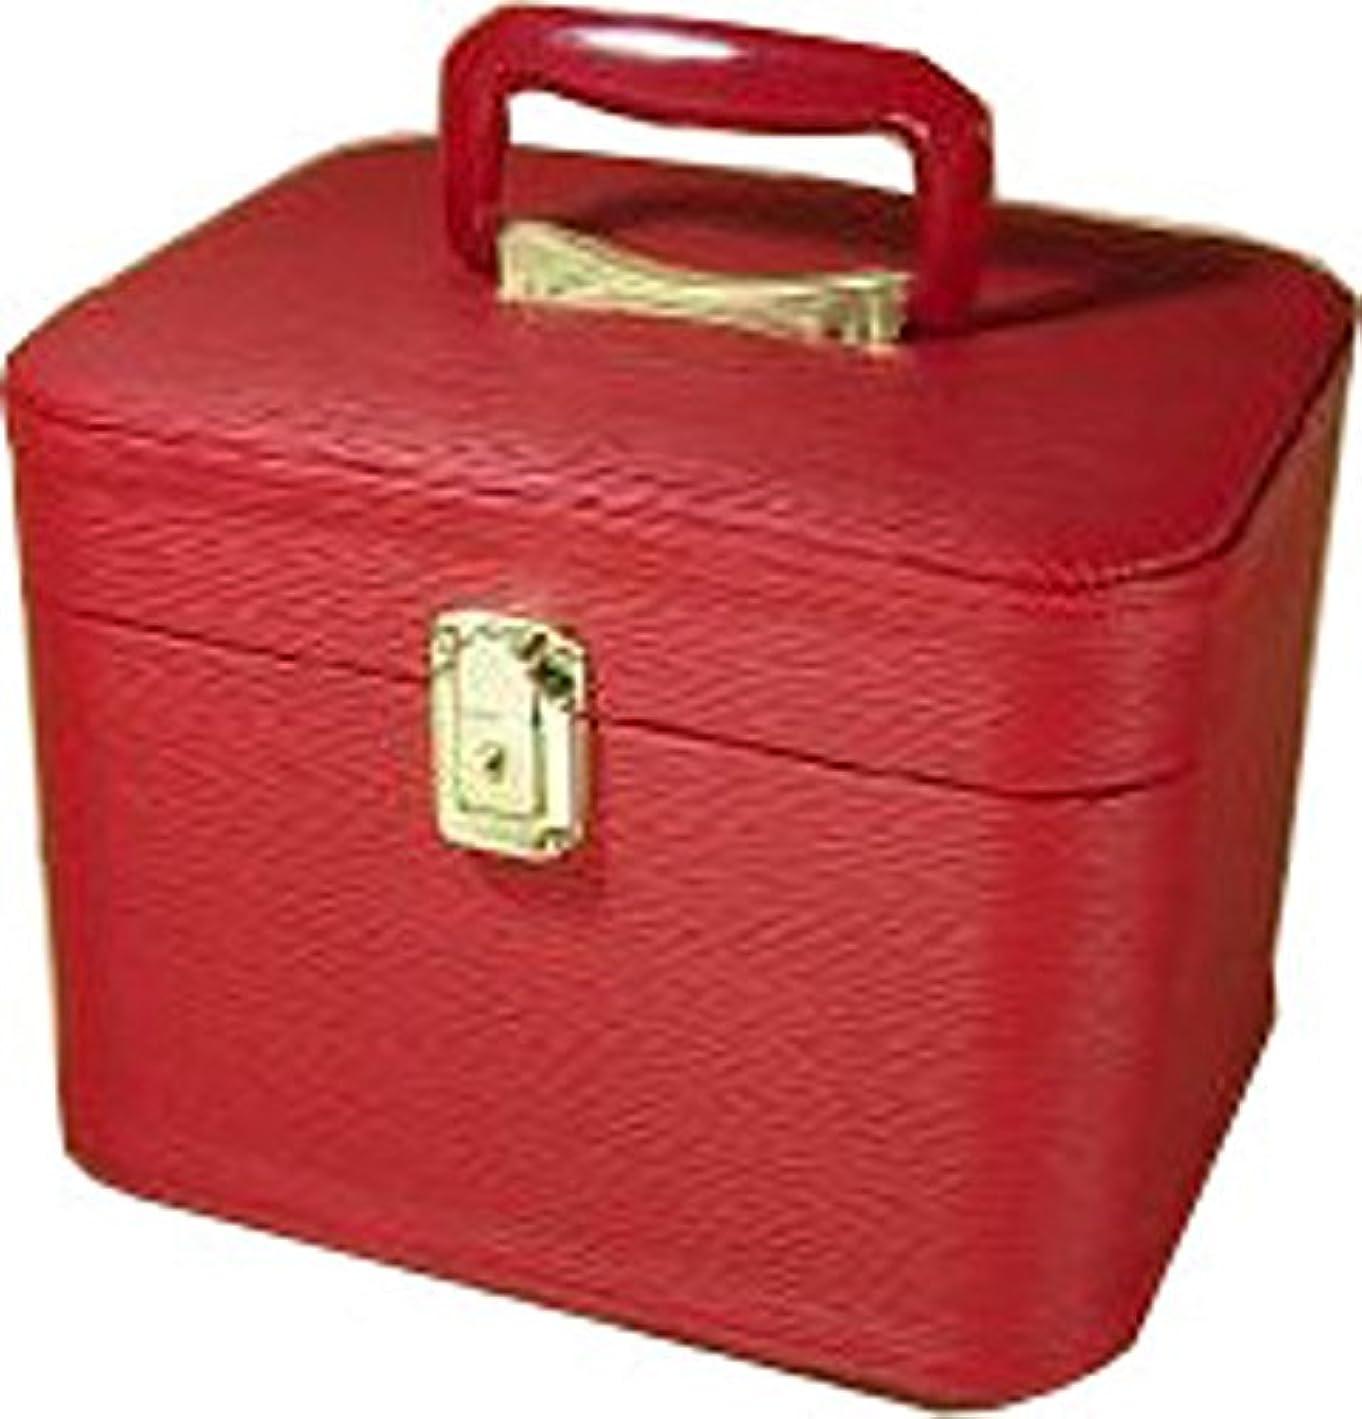 晩餐一口ジャケット水シボ26cmヨコレッドお化粧入れ メイクボックス,メイクケース,トレンチケース,化粧箱